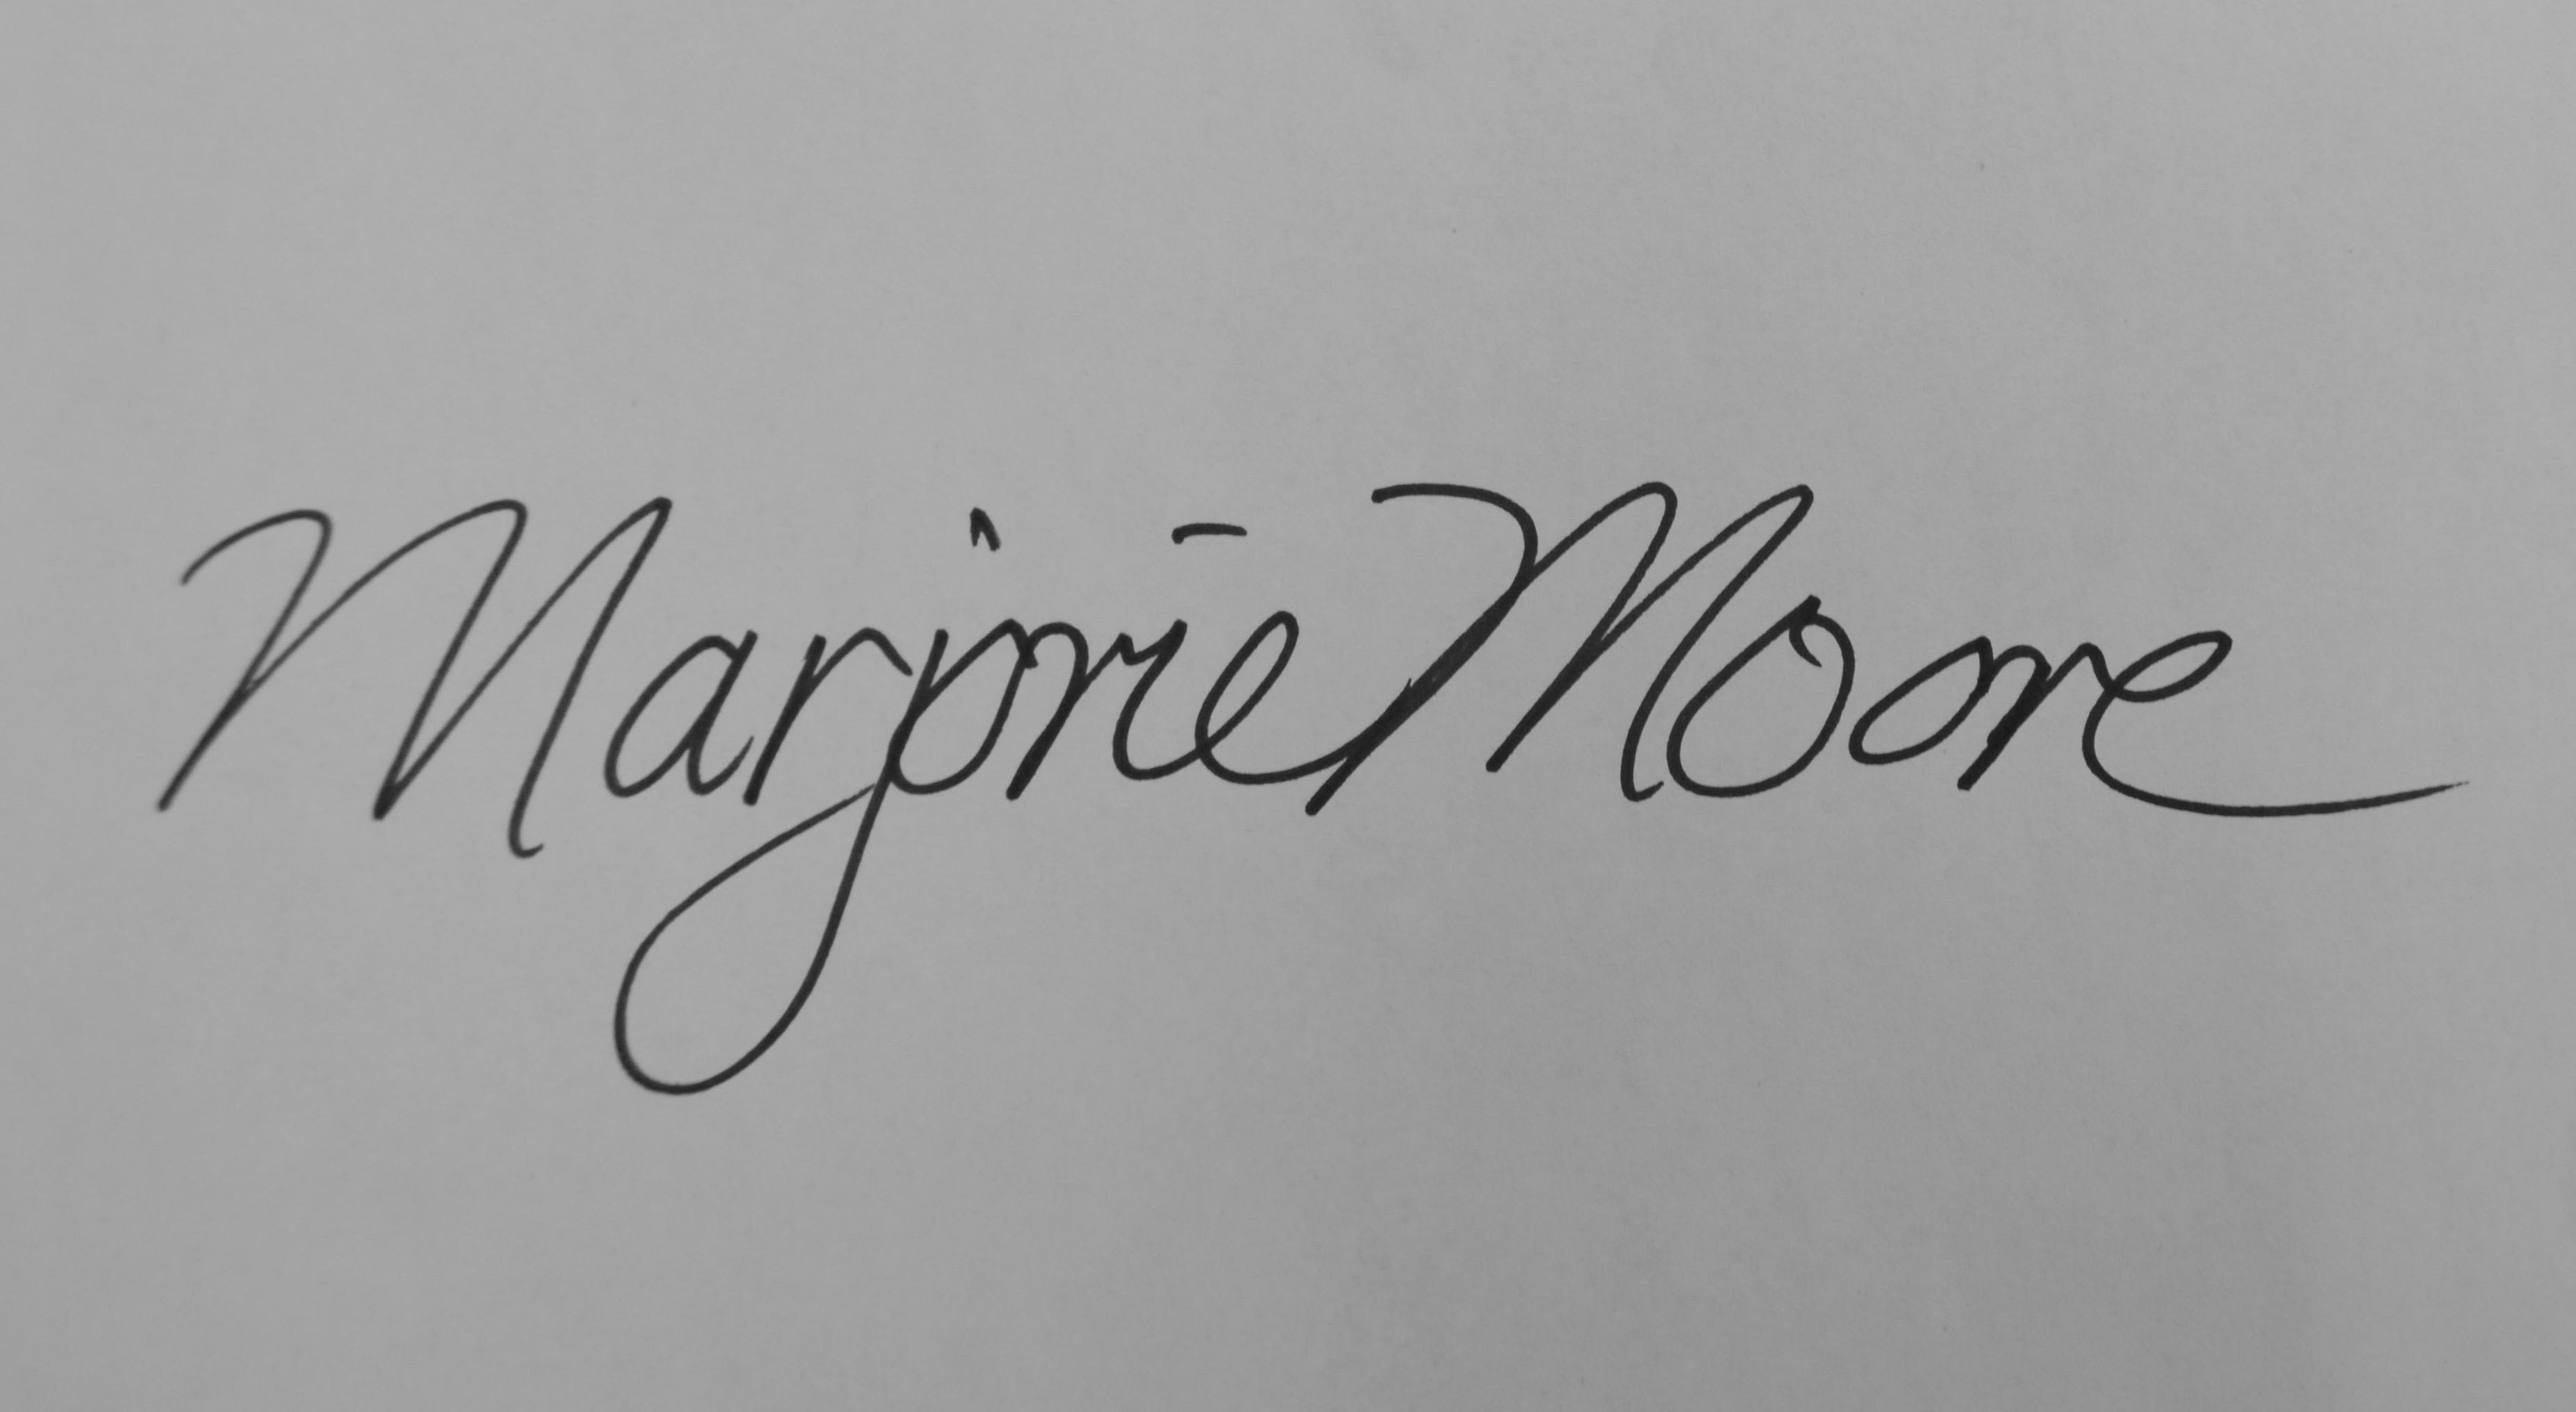 Marjorie Moore's Signature